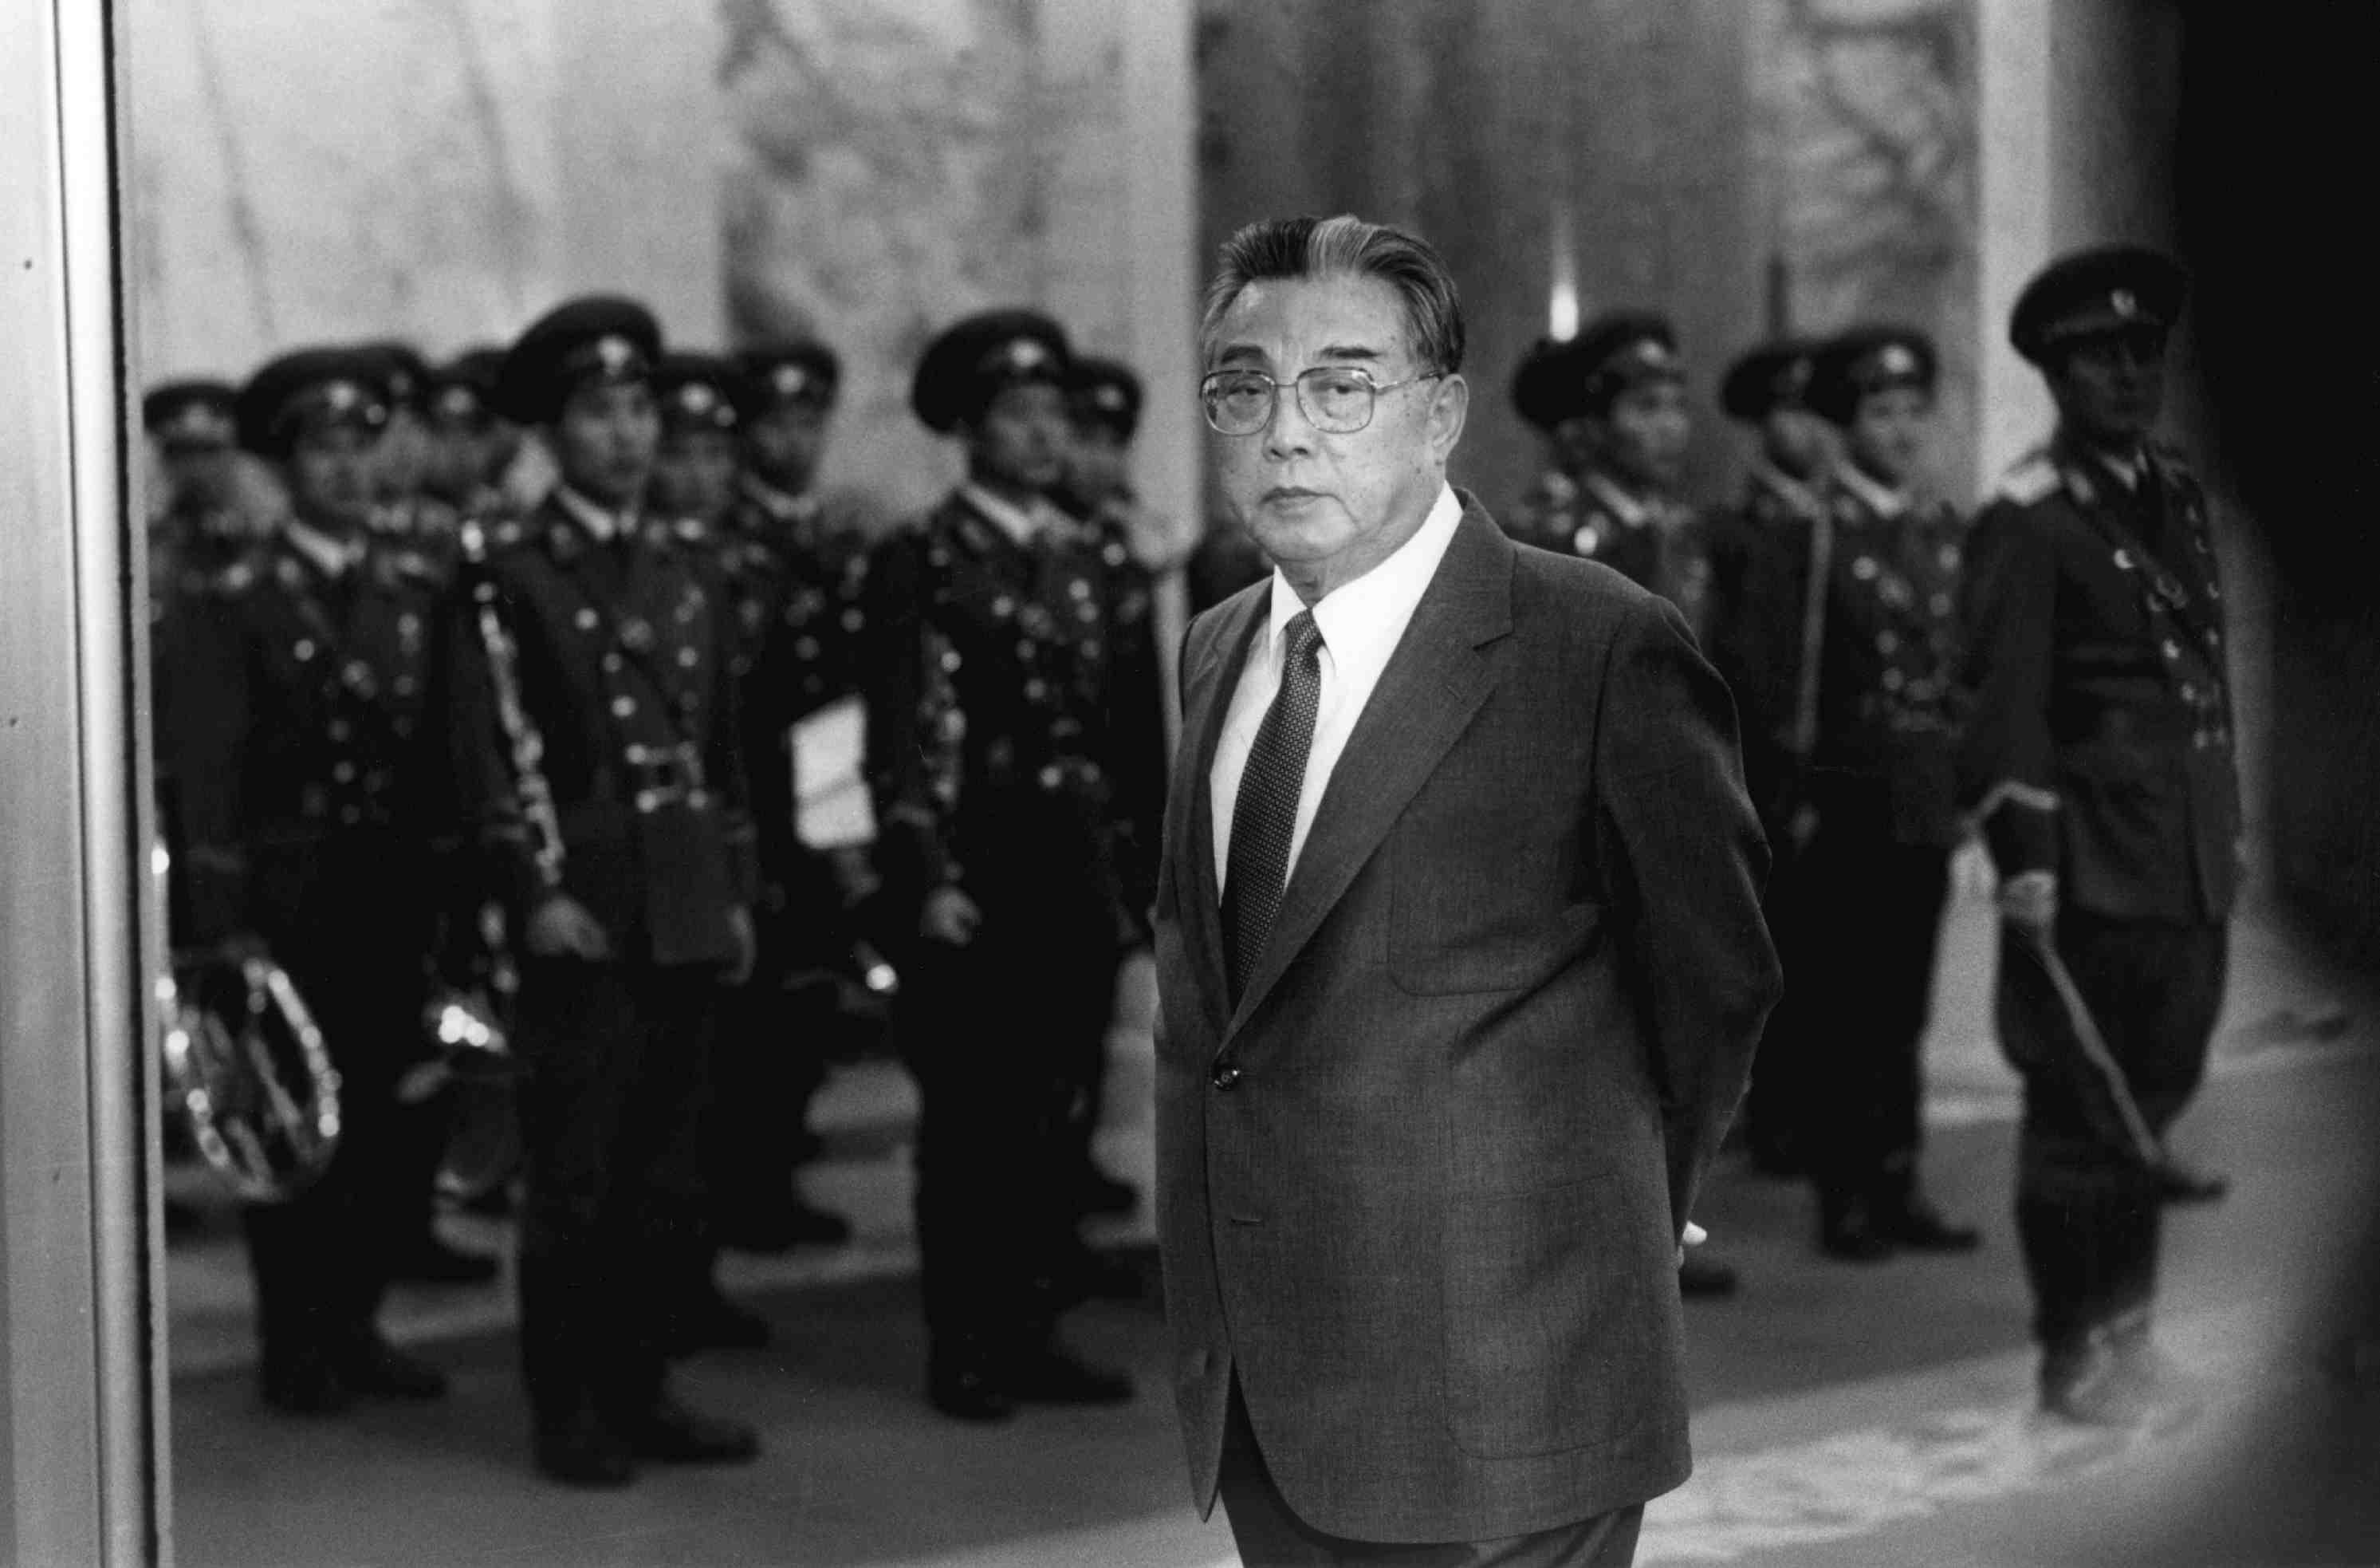 North Korean leader Kim Il Sung